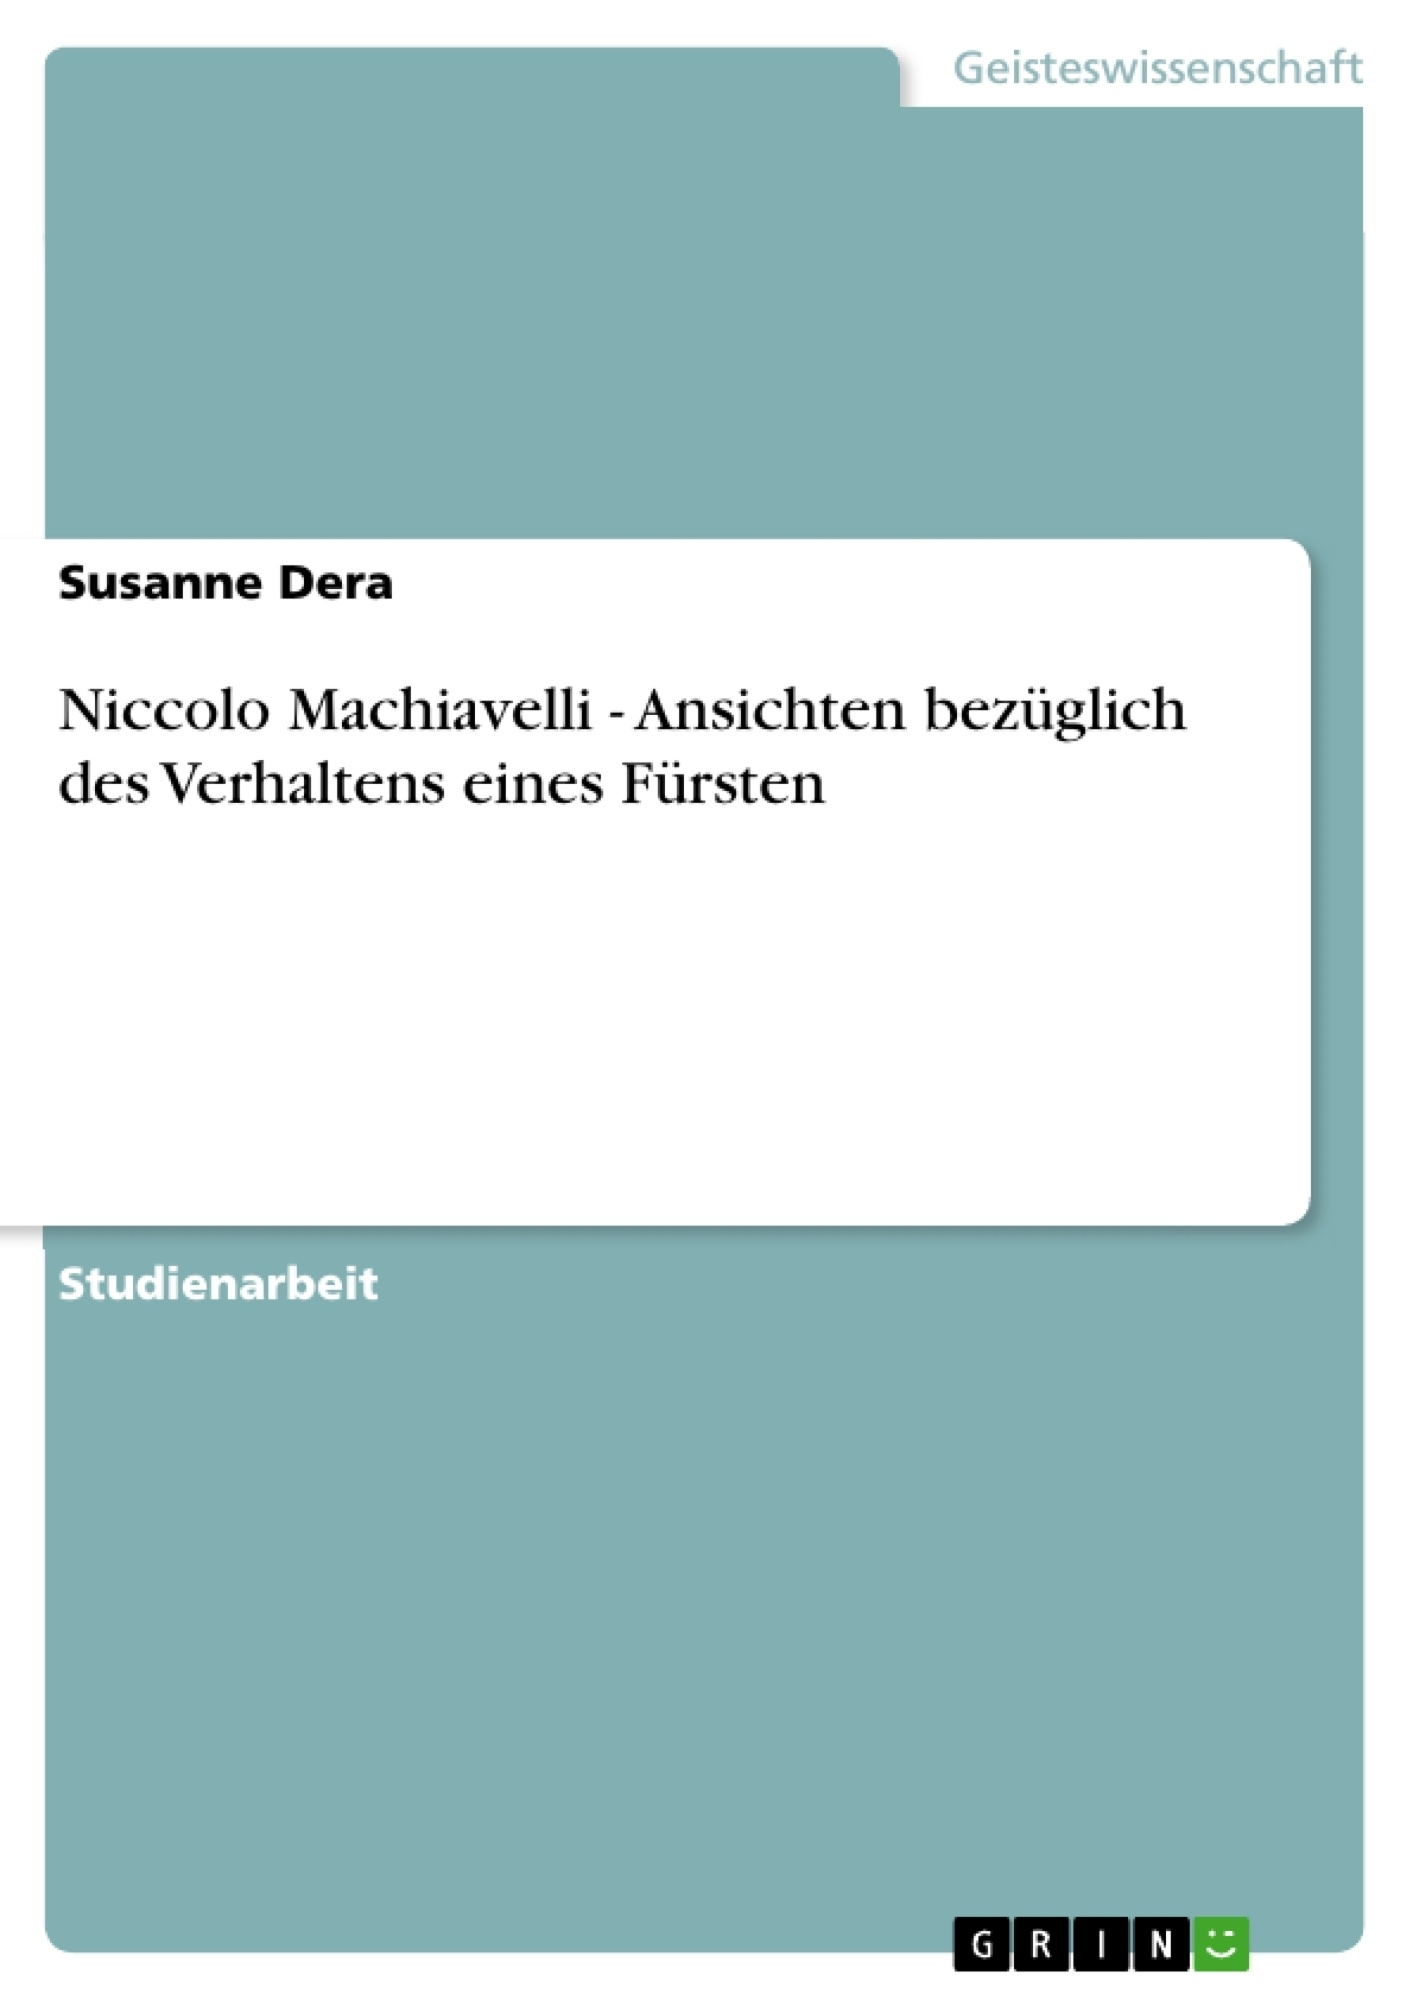 Titel: Niccolo Machiavelli - Ansichten bezüglich des Verhaltens eines Fürsten